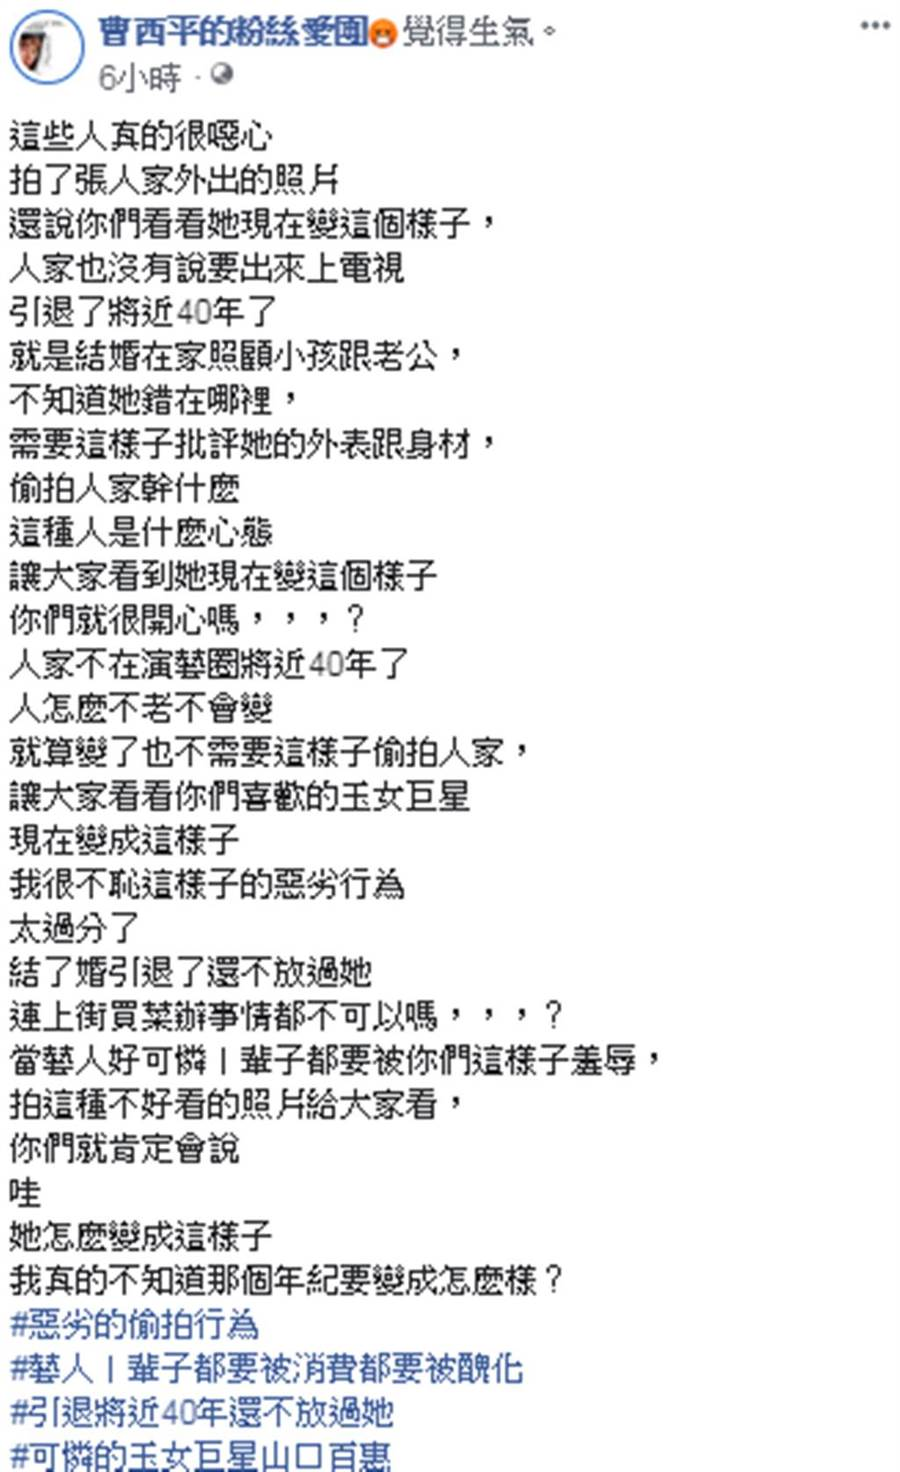 曹西平臉書全文。(圖/曹西平臉書)